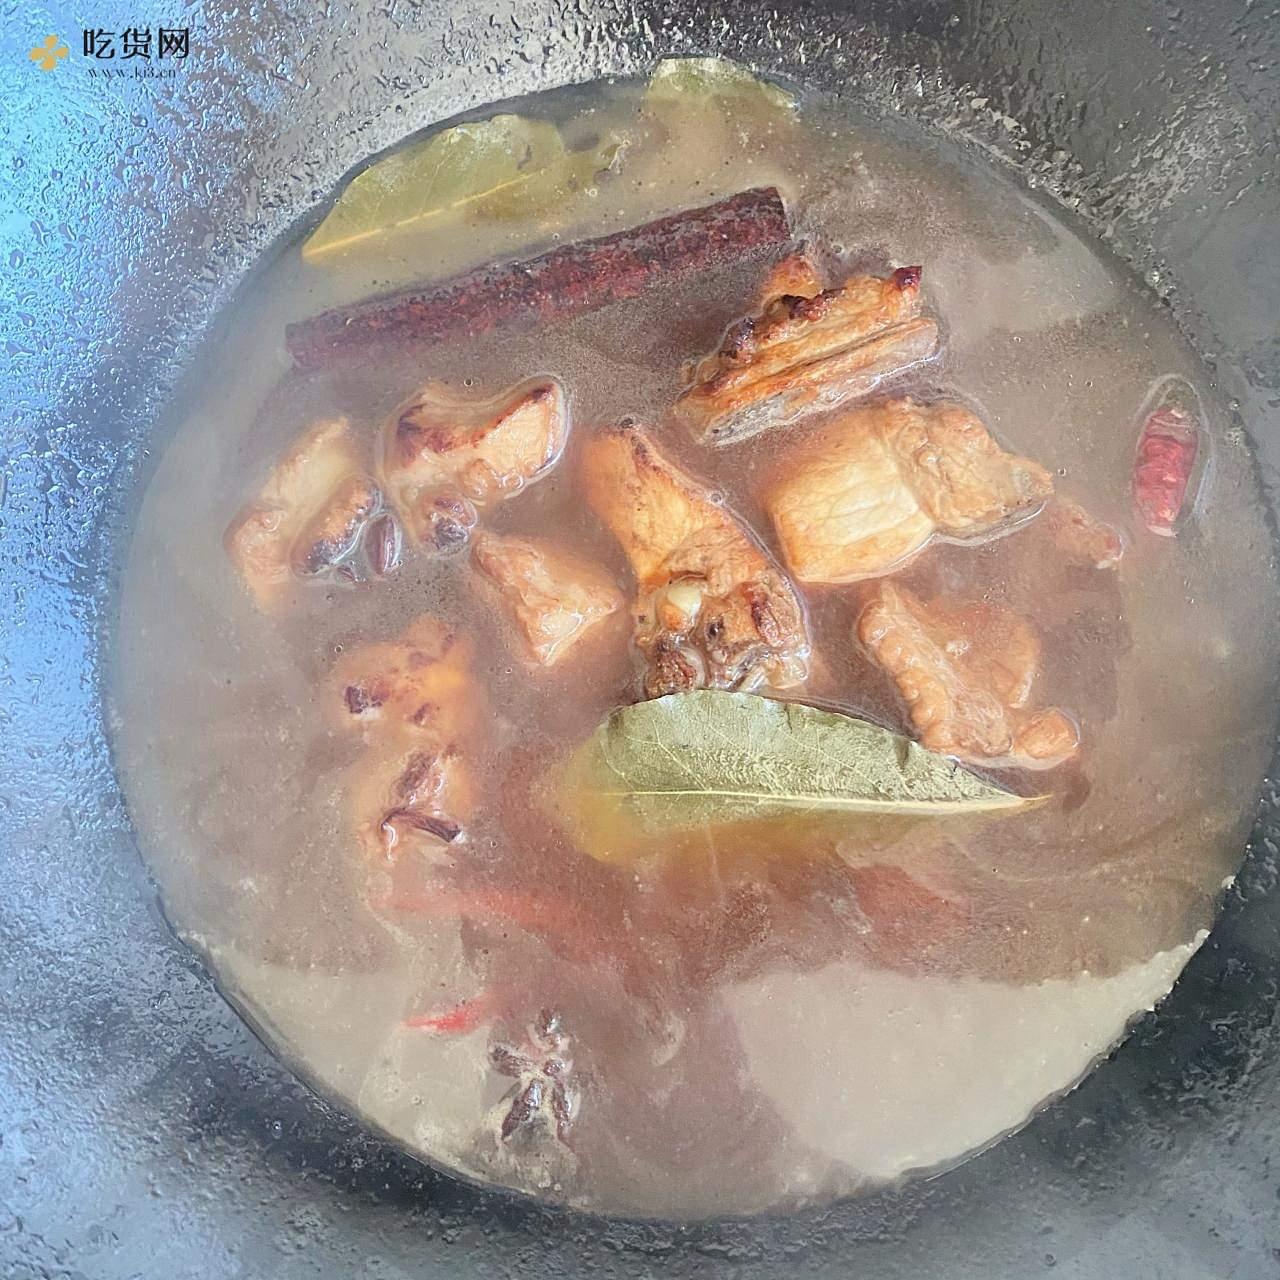 红烧排骨炖土豆🥔的做法 步骤7